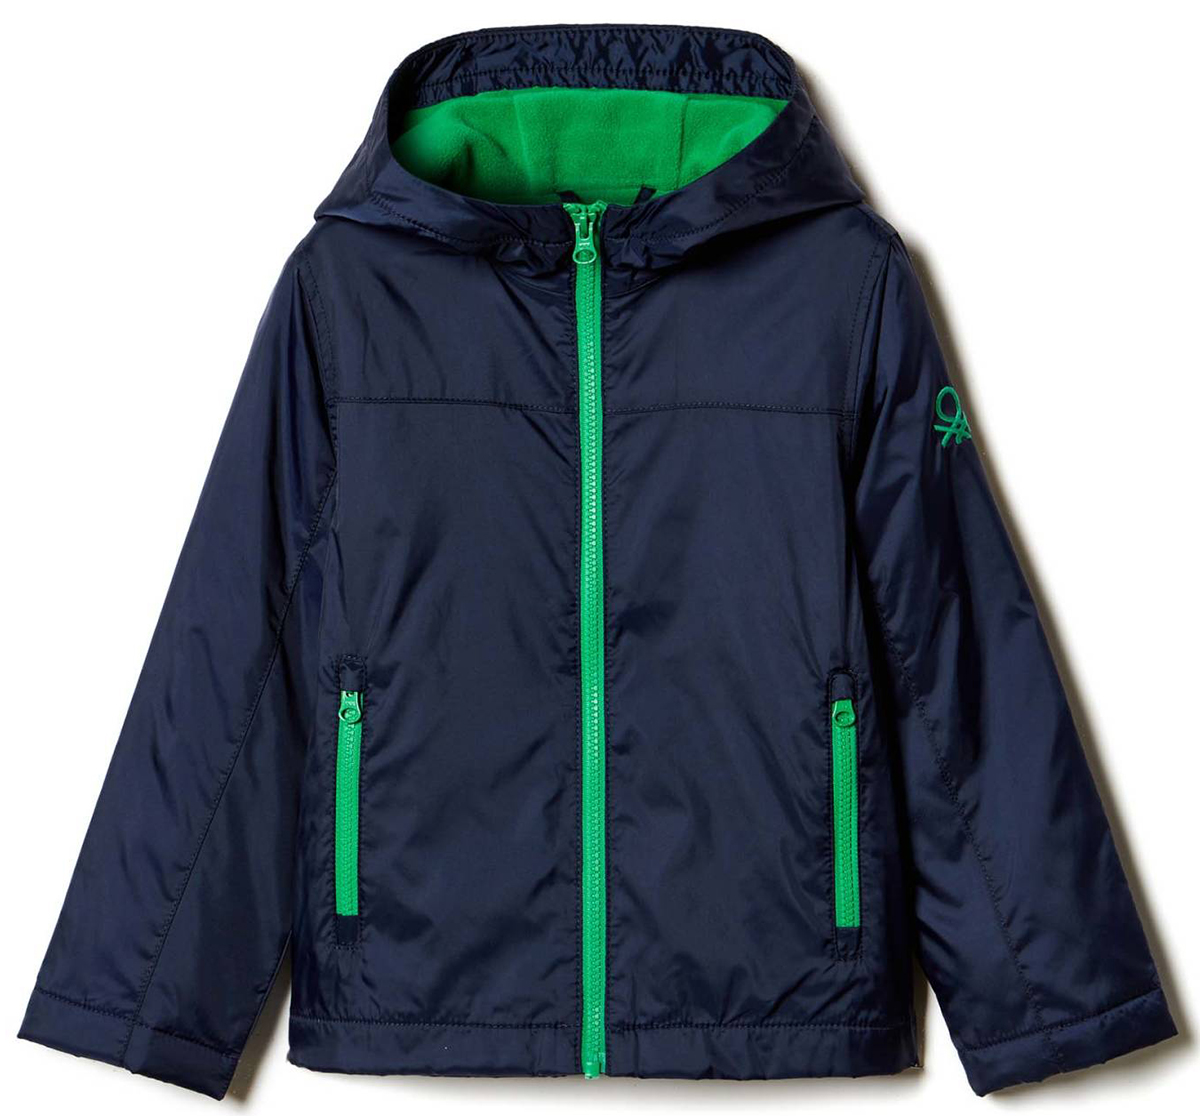 Куртка для мальчика United Colors of Benetton, цвет: синий. 2BL553AC0_13C. Размер 1302BL553AC0_13CКуртка для мальчика United Colors of Benetton выполнена из полиамида. Модель с капюшоном и длинными рукавами застегивается на застежку-молнию.